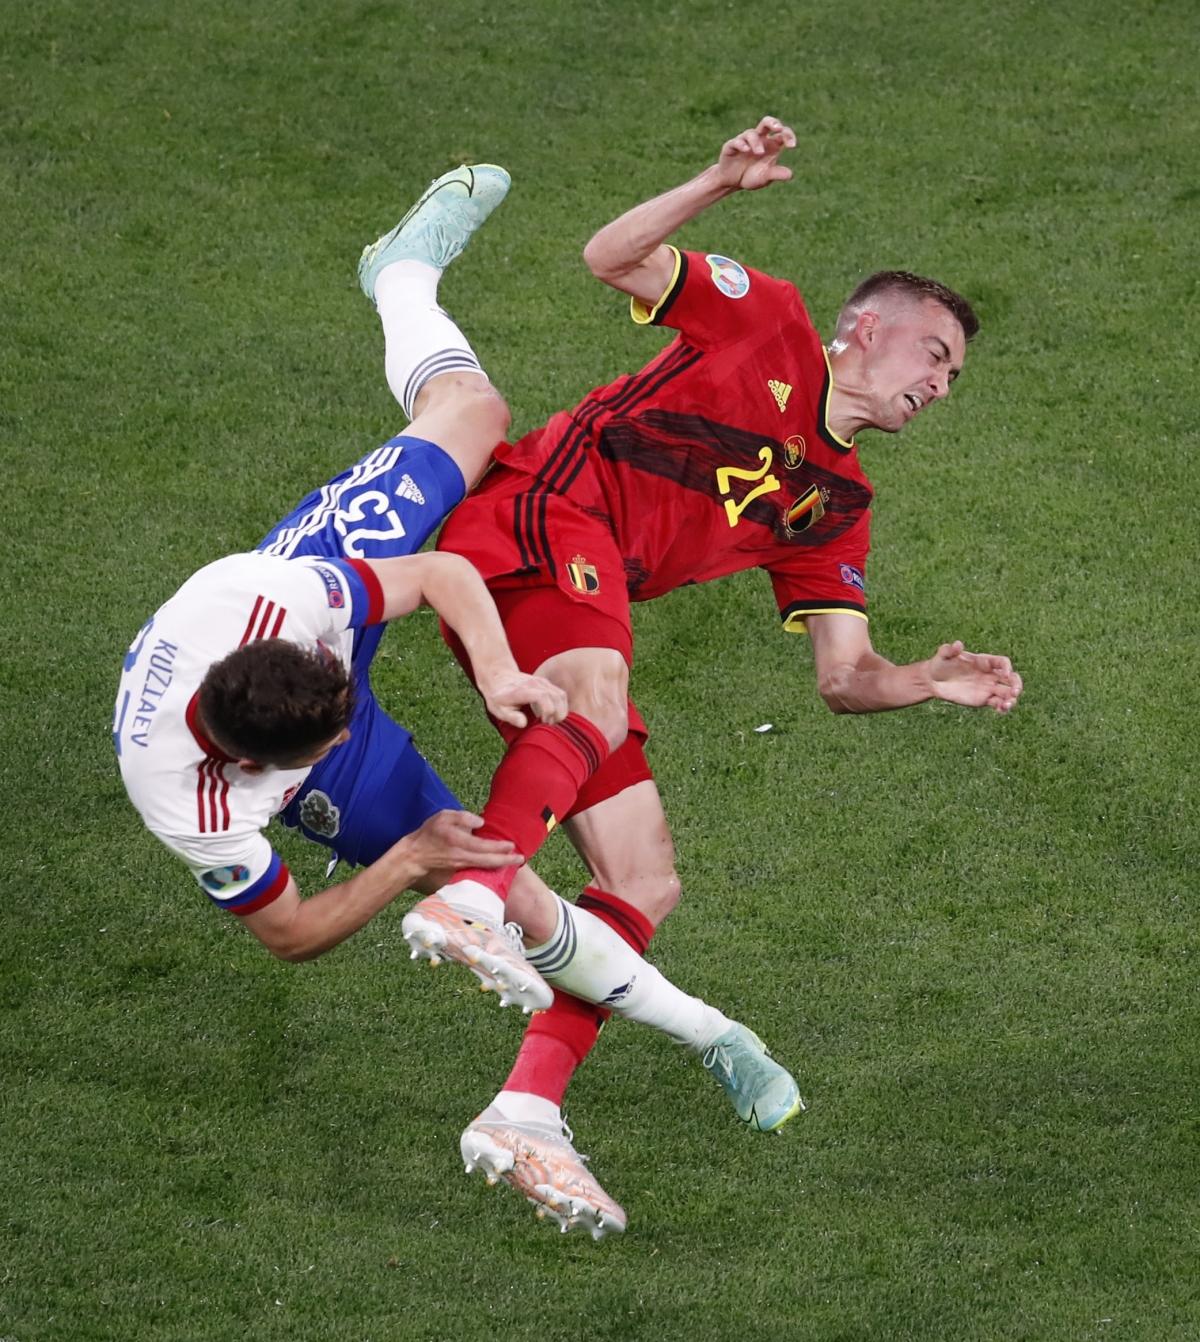 Sau bàn thắng của Lukaku, trận đấu Bỉ gặp Nga trở nên căng thẳng với những pha vào bóng quyết liệt của cầu thủ cả hai đội.